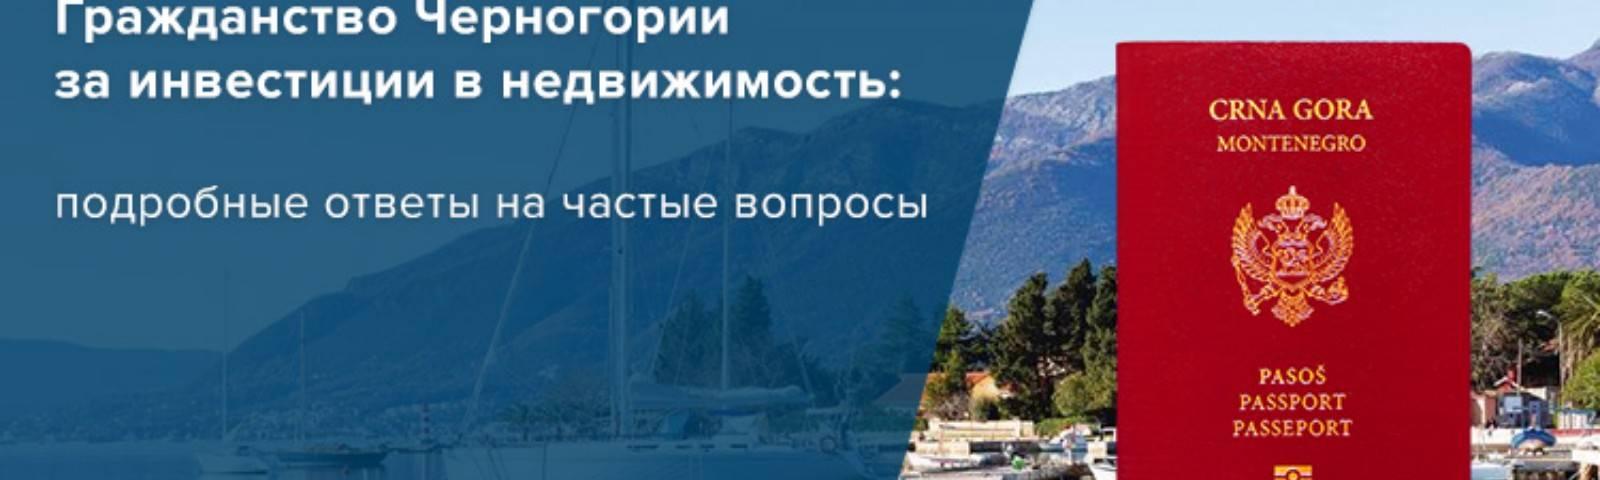 Работа в черногории: как найти и устроиться? - живи, путешествуй, работай! - блог про путешествия, работу, семью, жизнь, хобби, спорт ...